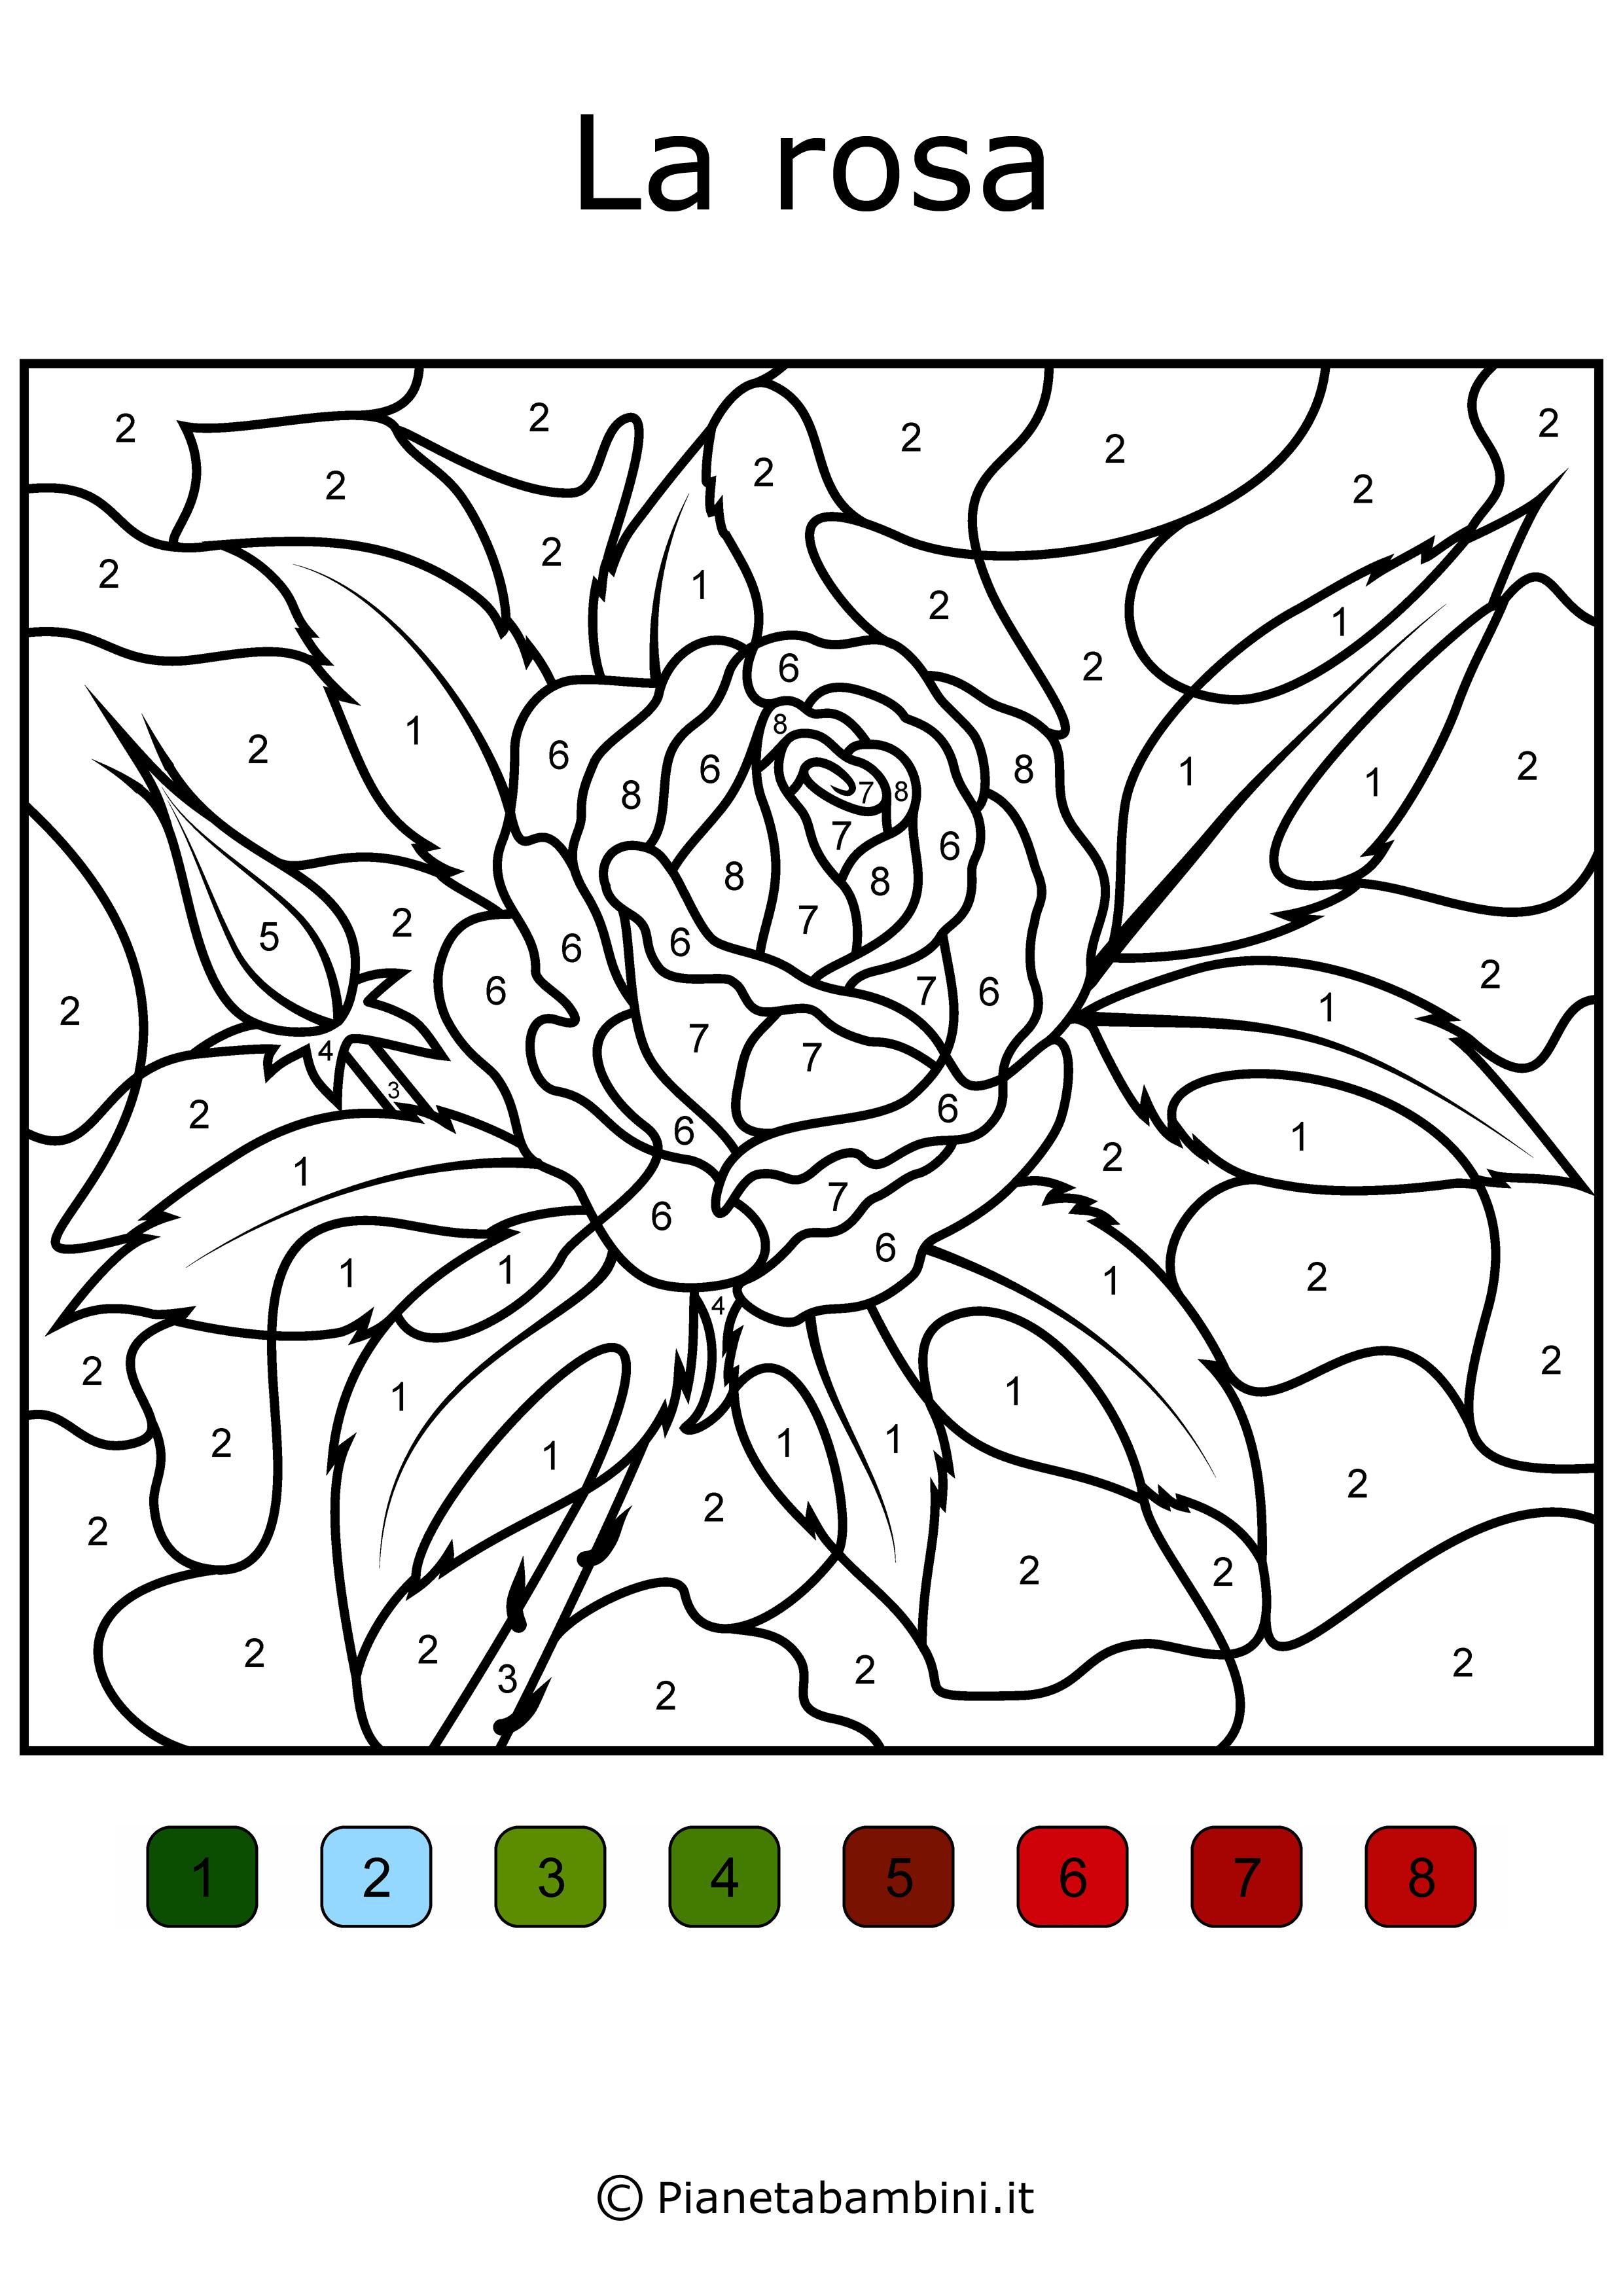 Disegni Da Colorare E Stampare Con I Numeri.Conta E Colora 48 Disegni Da Colorare In Base Ai Numeri Disegni Da Colorare Disegni Cartoni Animati